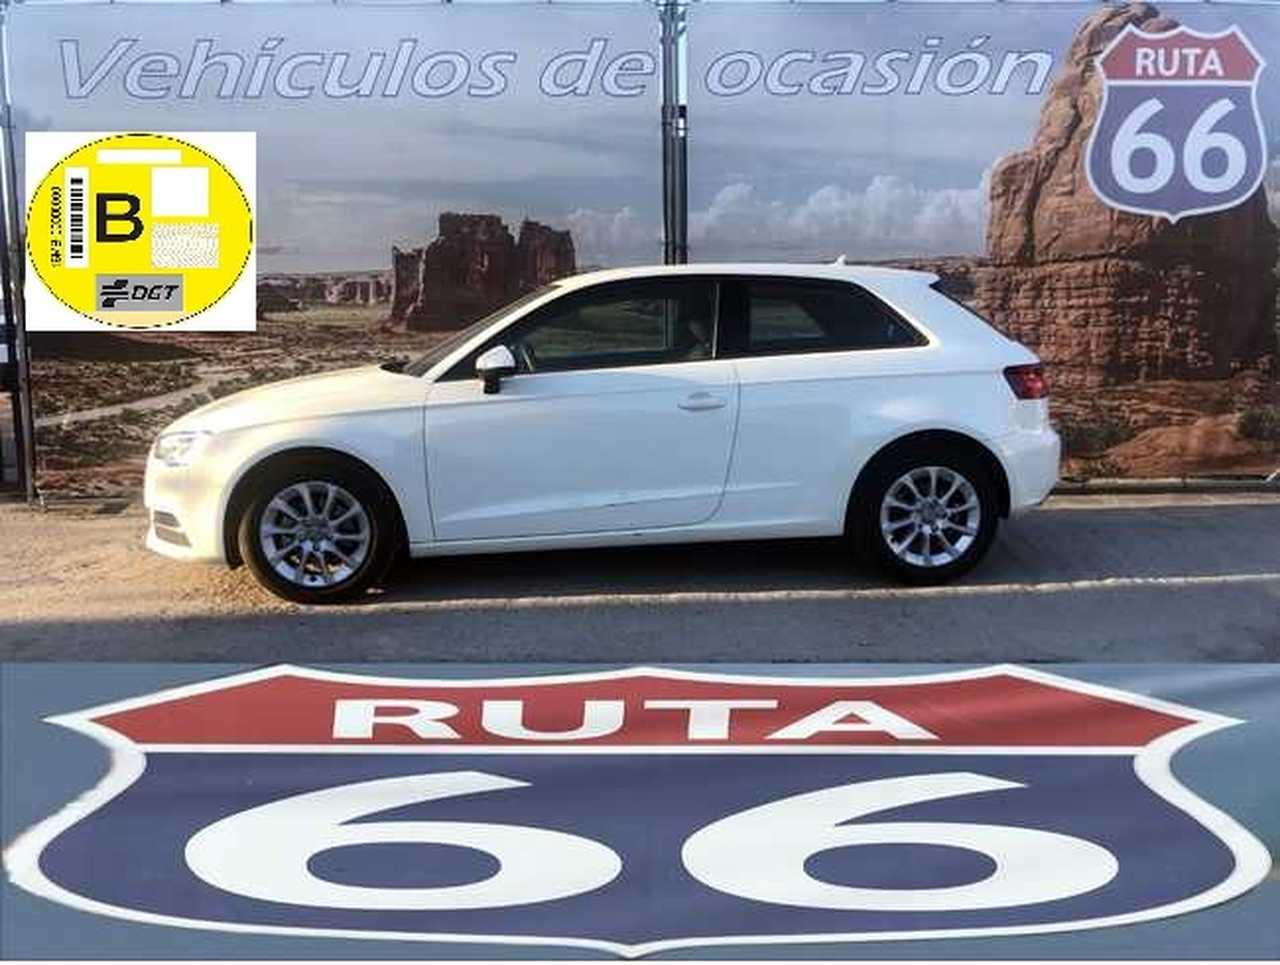 Audi A3 1.6 Tdi 105Cv Ambiente   - Foto 1